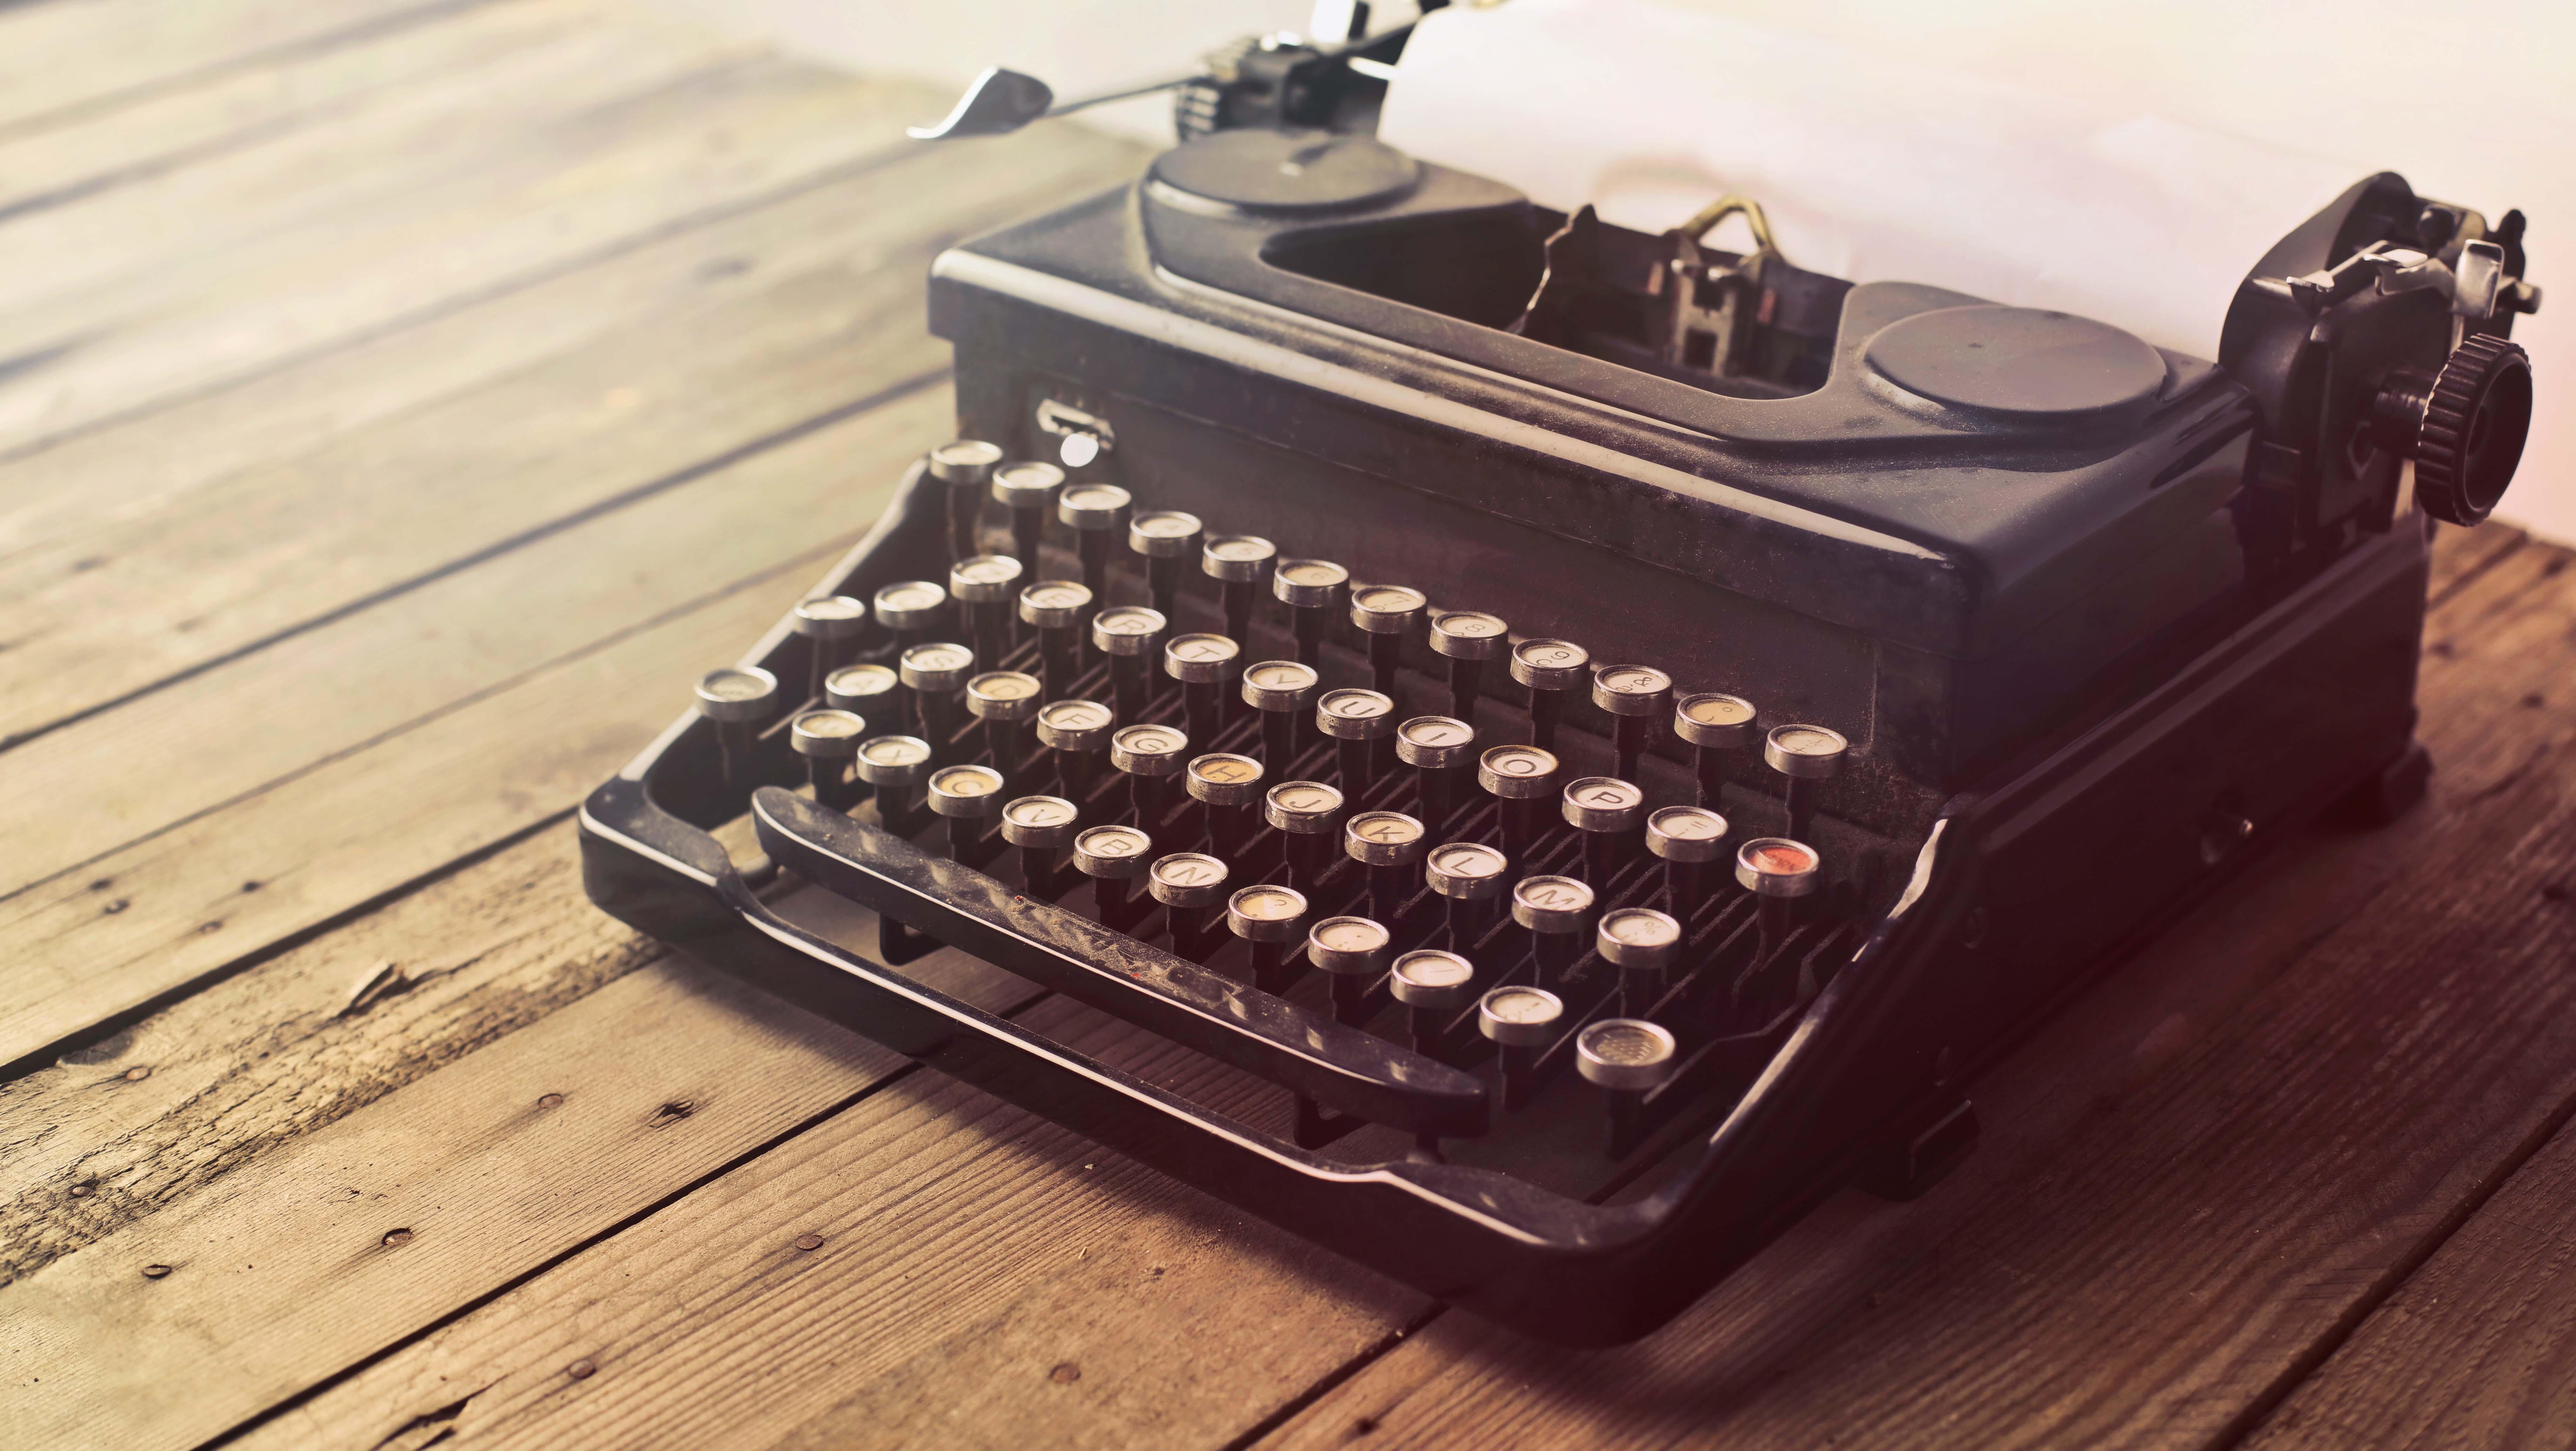 El primer procesador de textos daba ganas de volver a la máquina de escribir